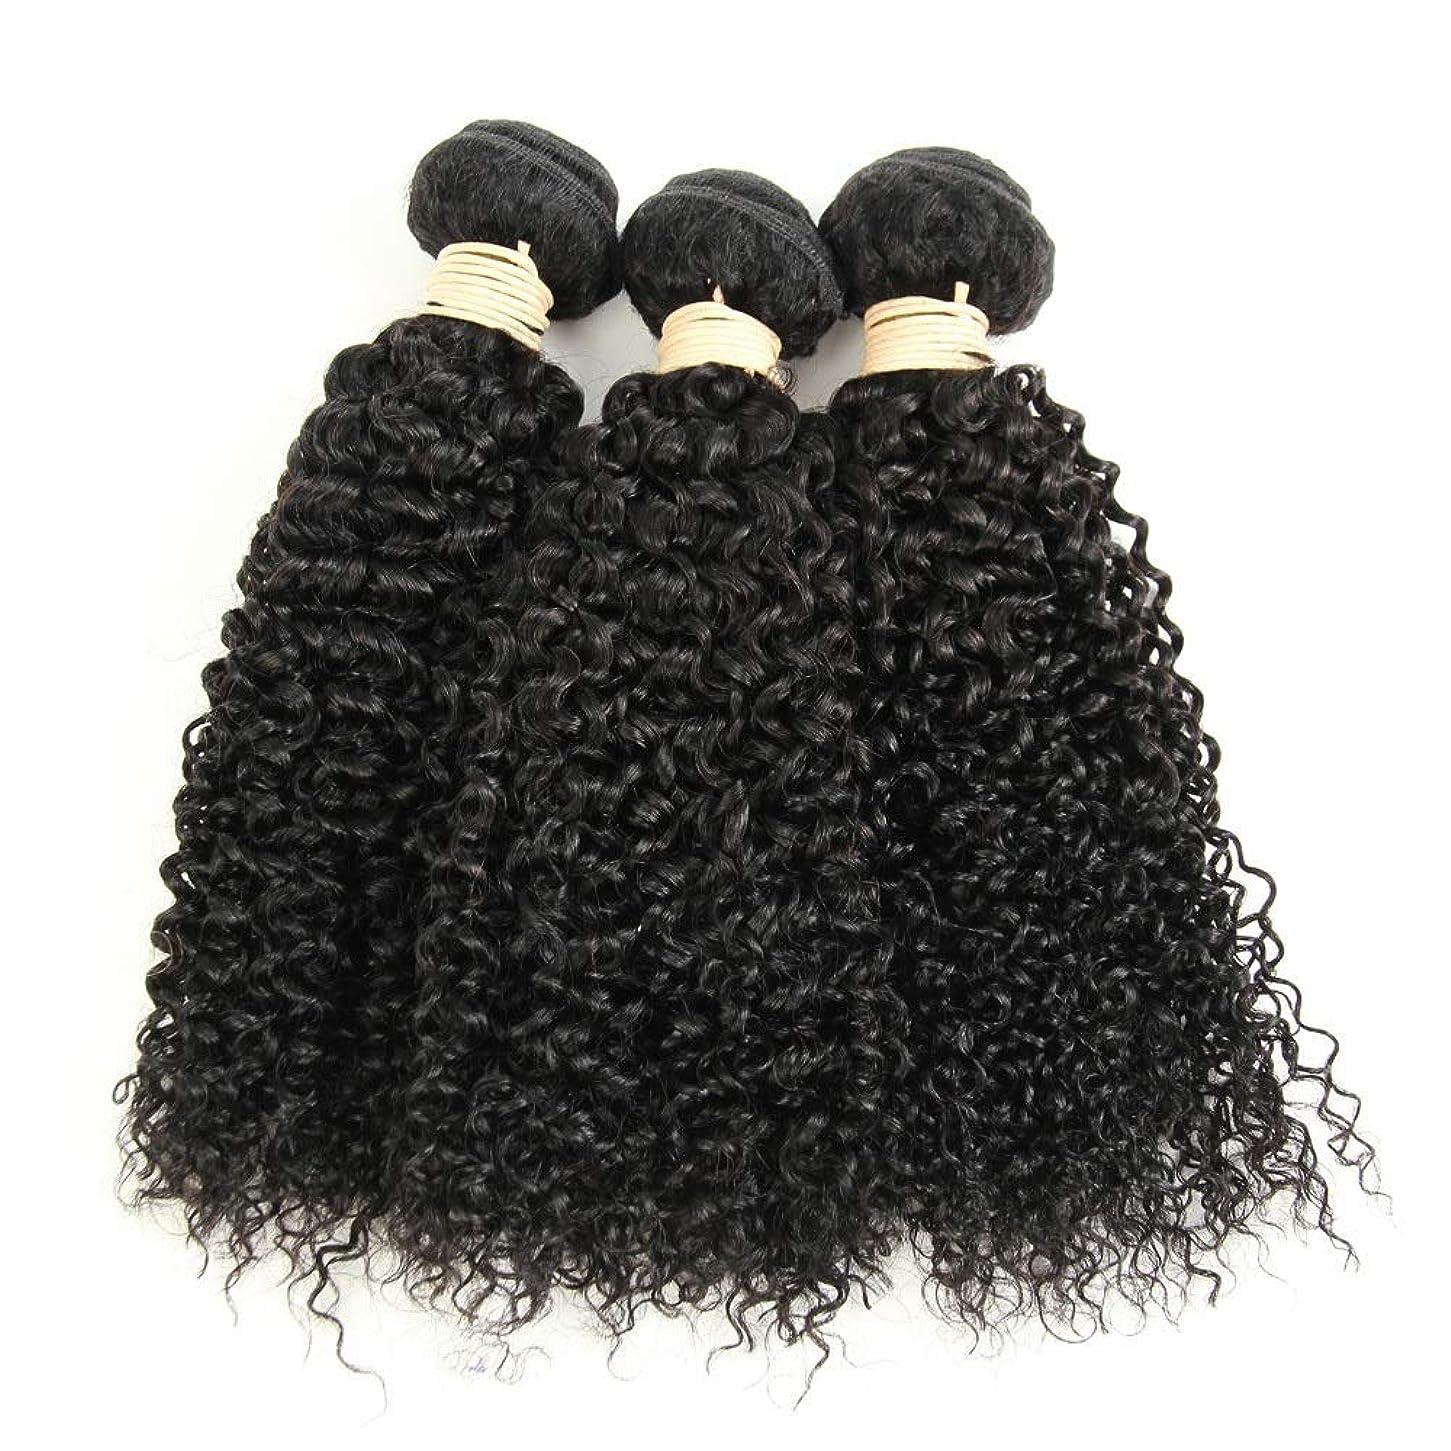 かつら ブラジルのバージン変態巻き毛の束8-28インチ人毛エクステンションナチュラルカラー1バンドル、100g /個女性の合成かつらレースかつらロールプレイングかつら (色 : 黒, サイズ : 14 inch)